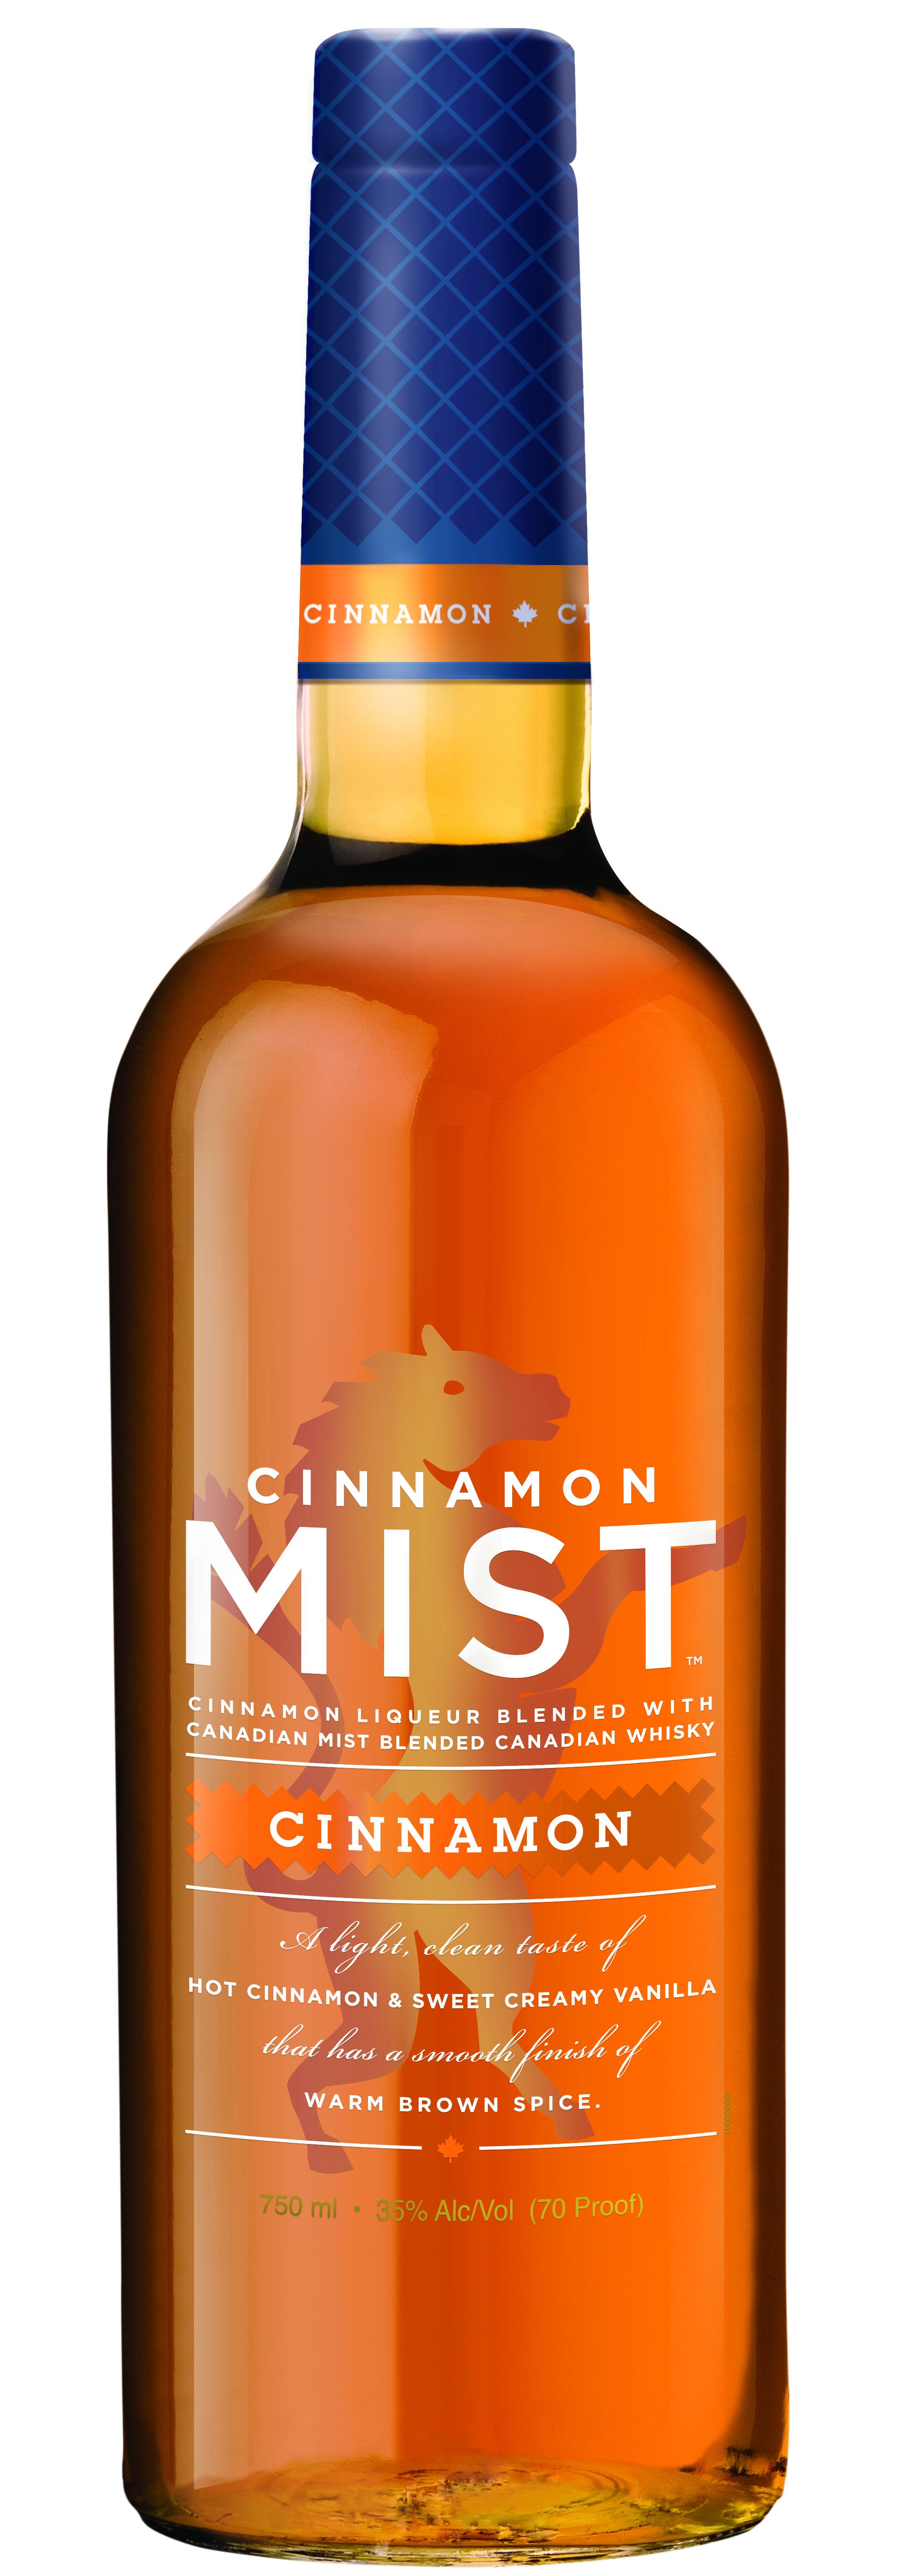 Canadian Mist Cinnamon Mist